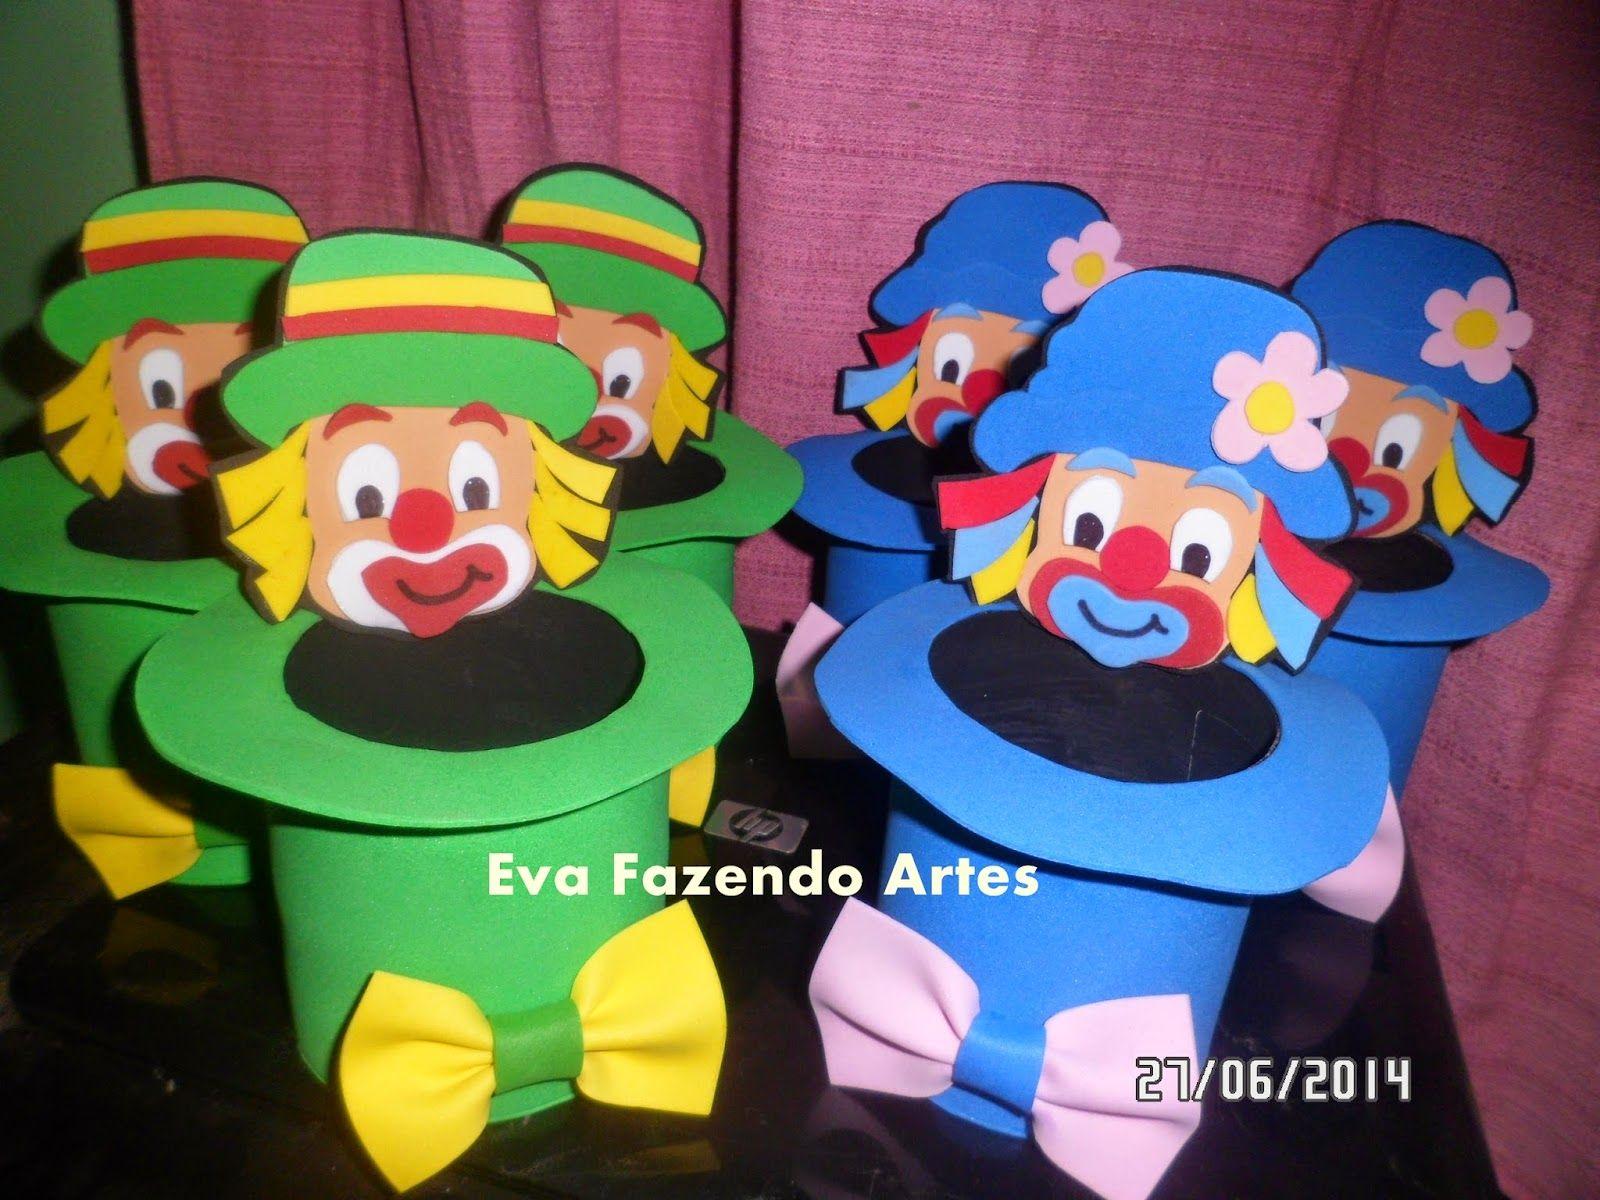 Artesanato by Dona Santa: Encomendas